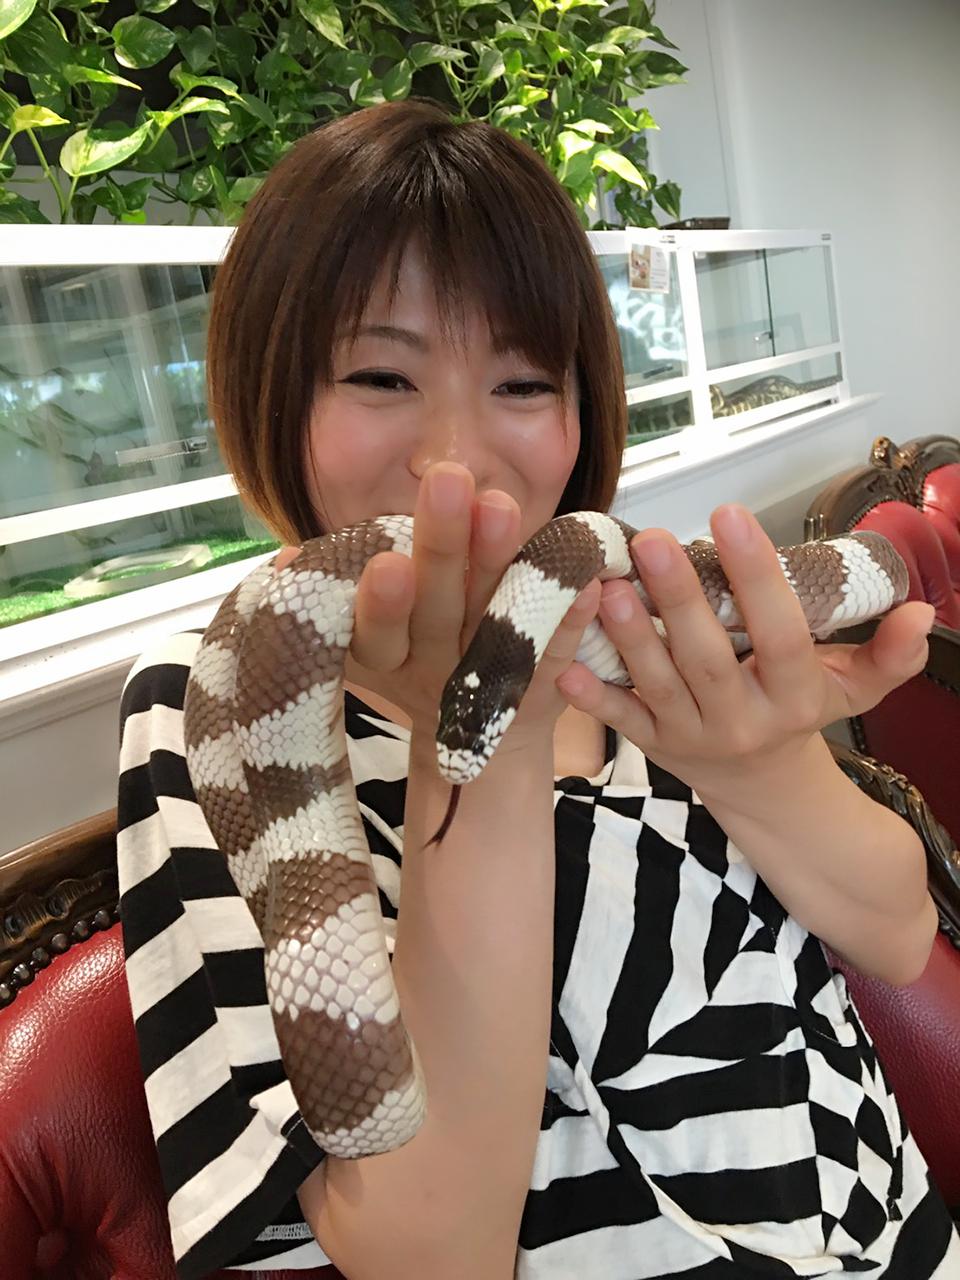 ヘビを見ながらお茶をするカフェ